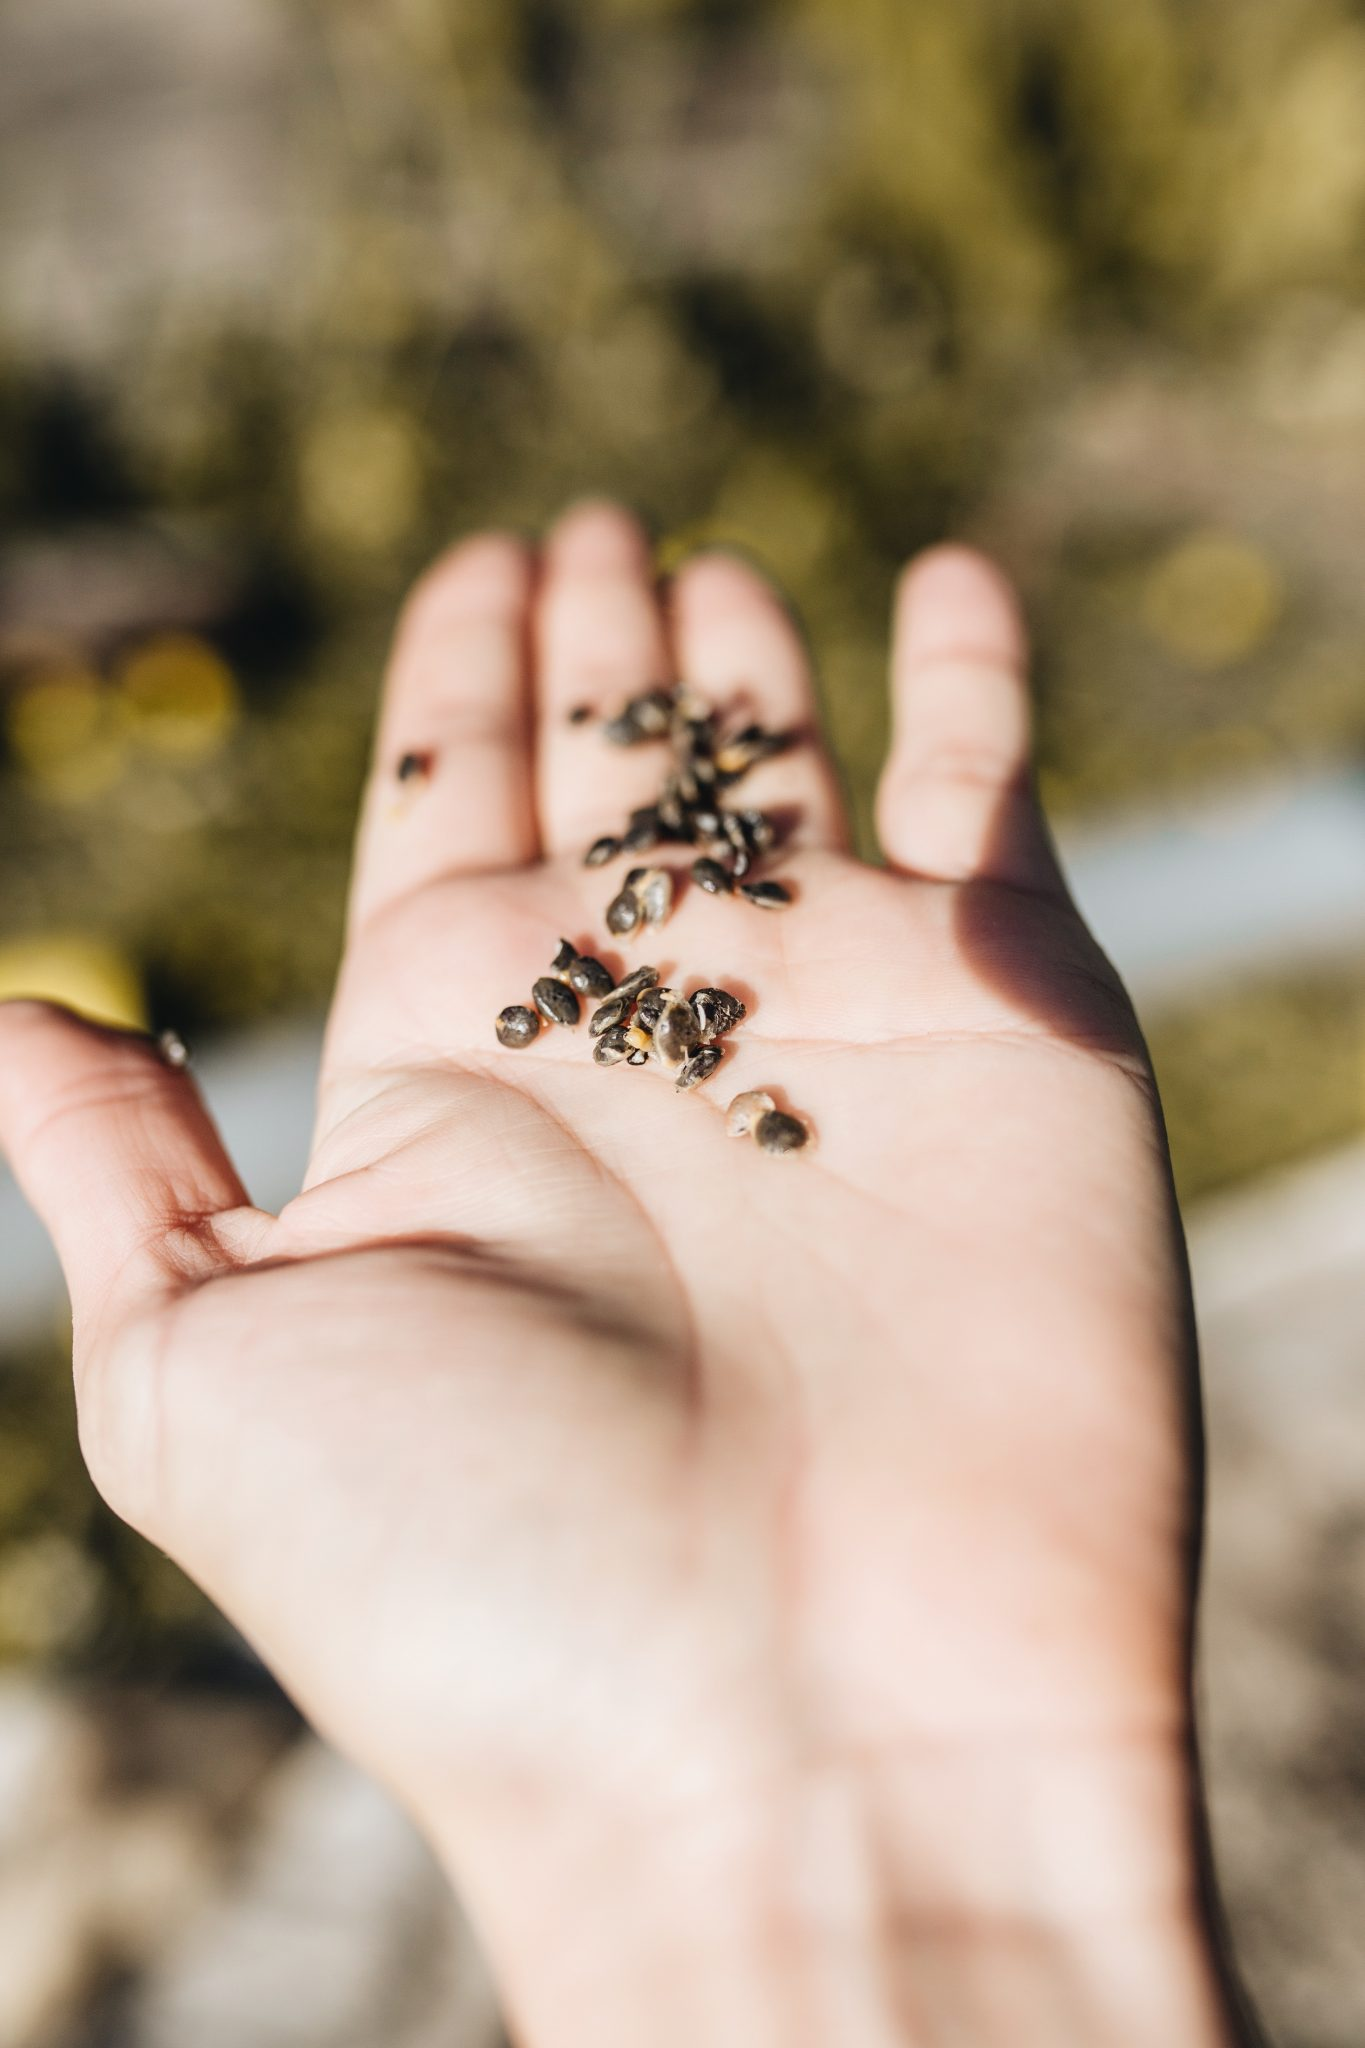 écologie : les petits gestes sont-ils efficaces ?